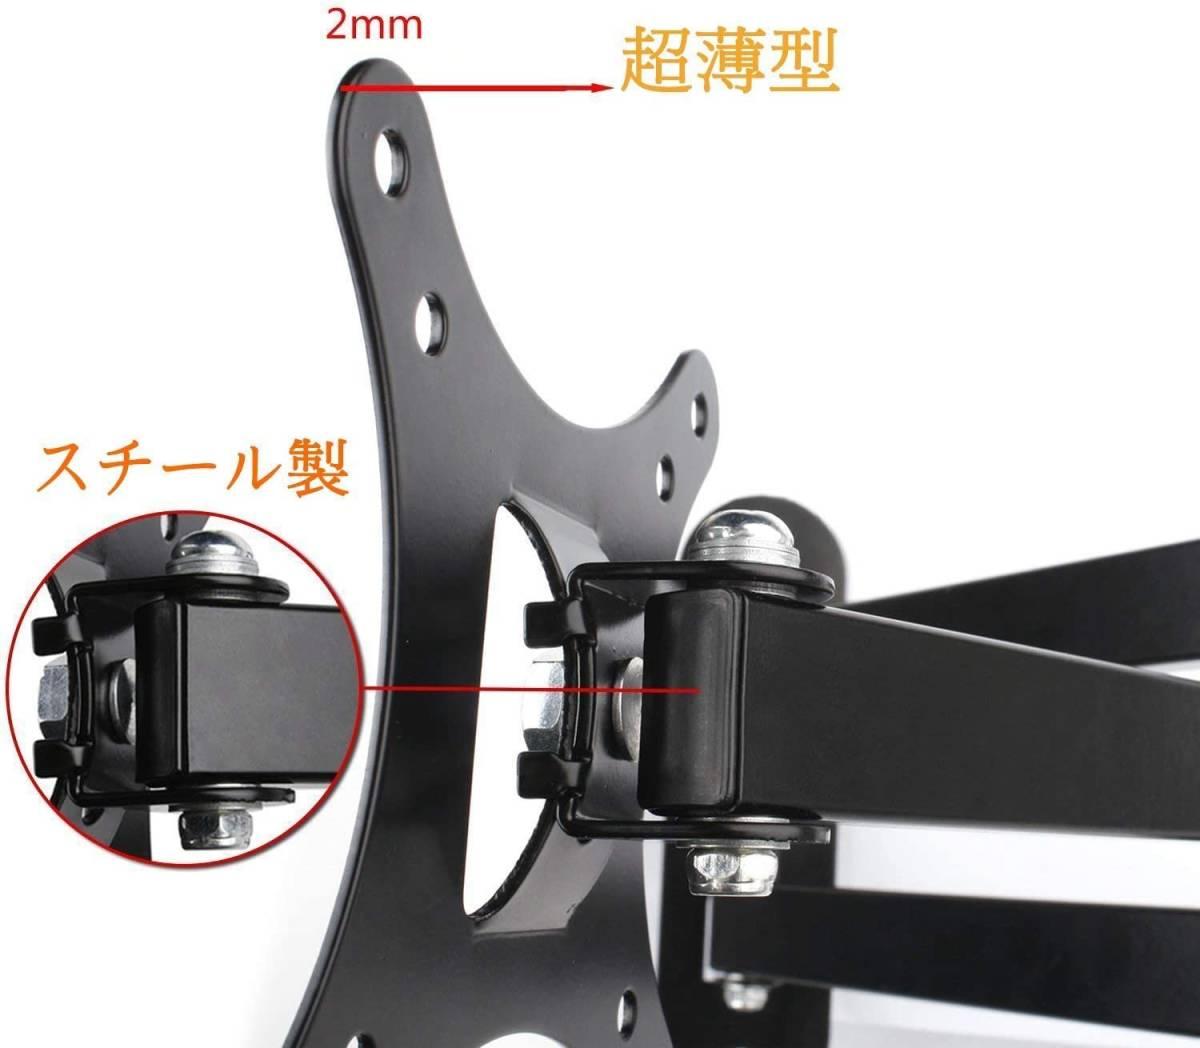 【オススメ】モニター テレビ壁掛け金具 10-30インチ LCDLED液晶テレビ対応 アーム式 回転式 左右移動式 角度調節_画像5